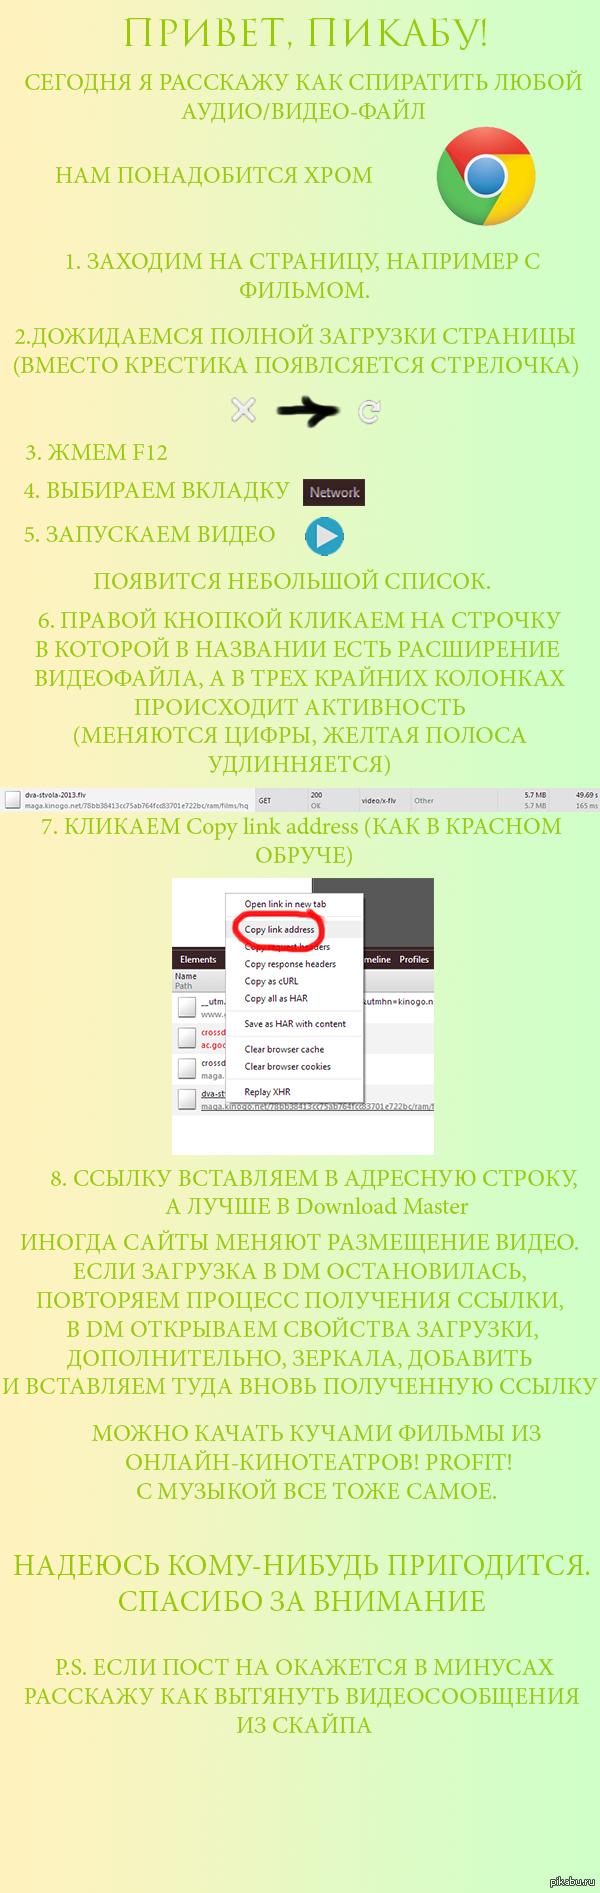 Как вытянуть любой контент из браузера